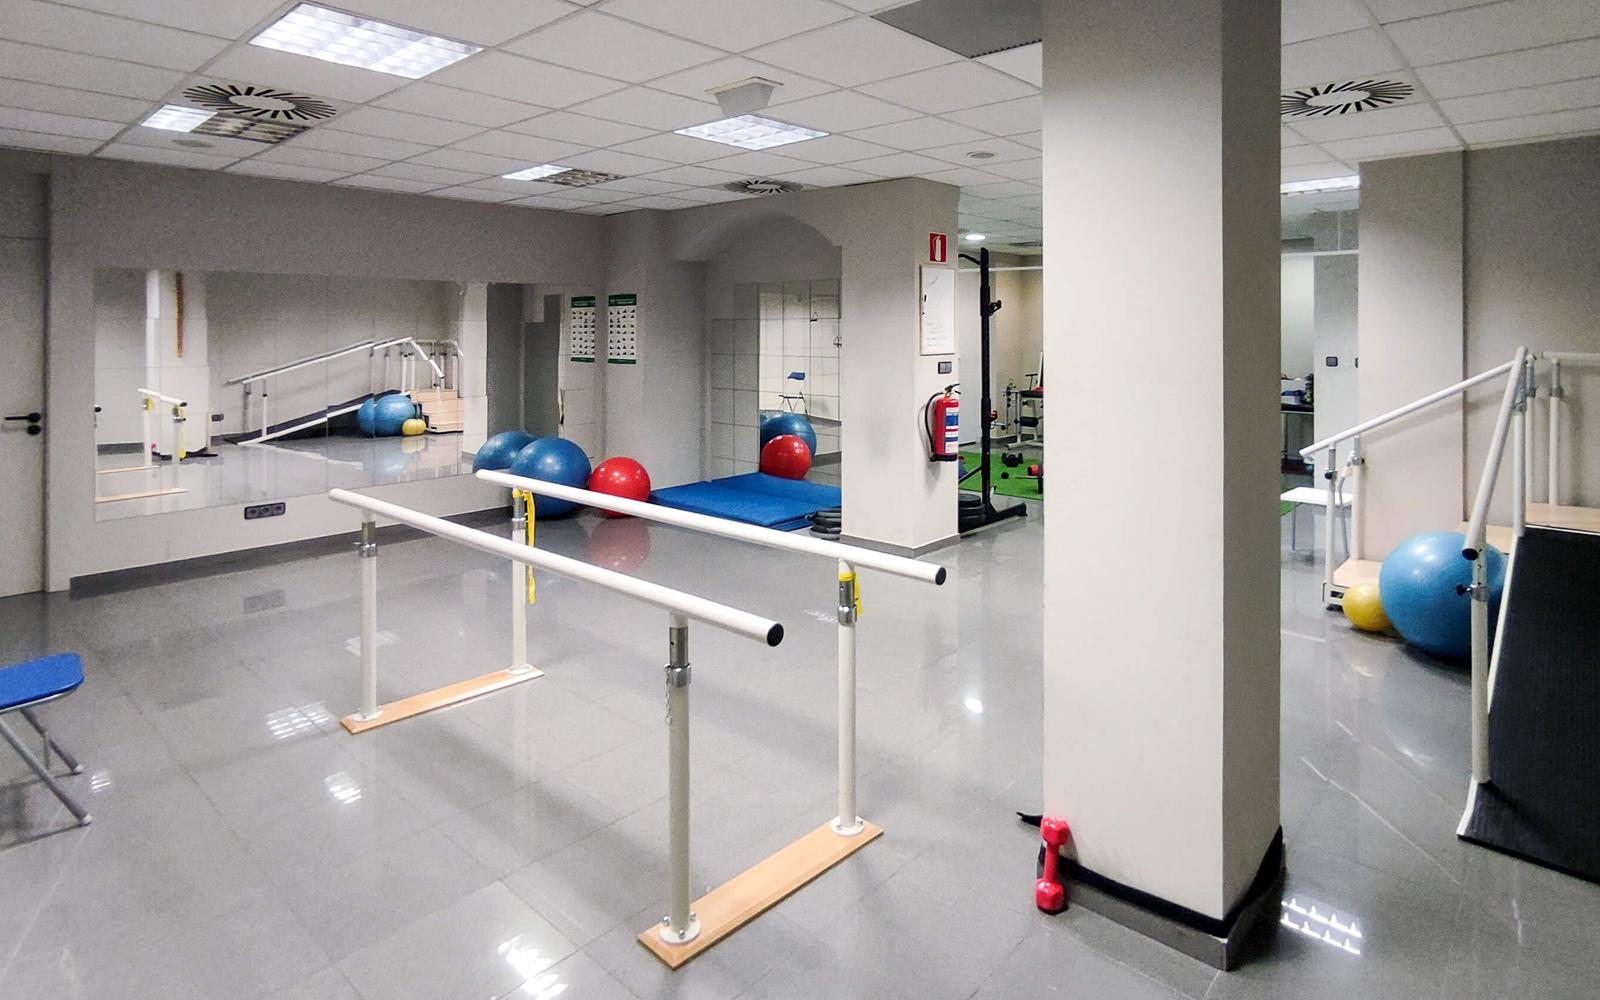 Centro de fisioterapia y rehabilitación en Barakaldo